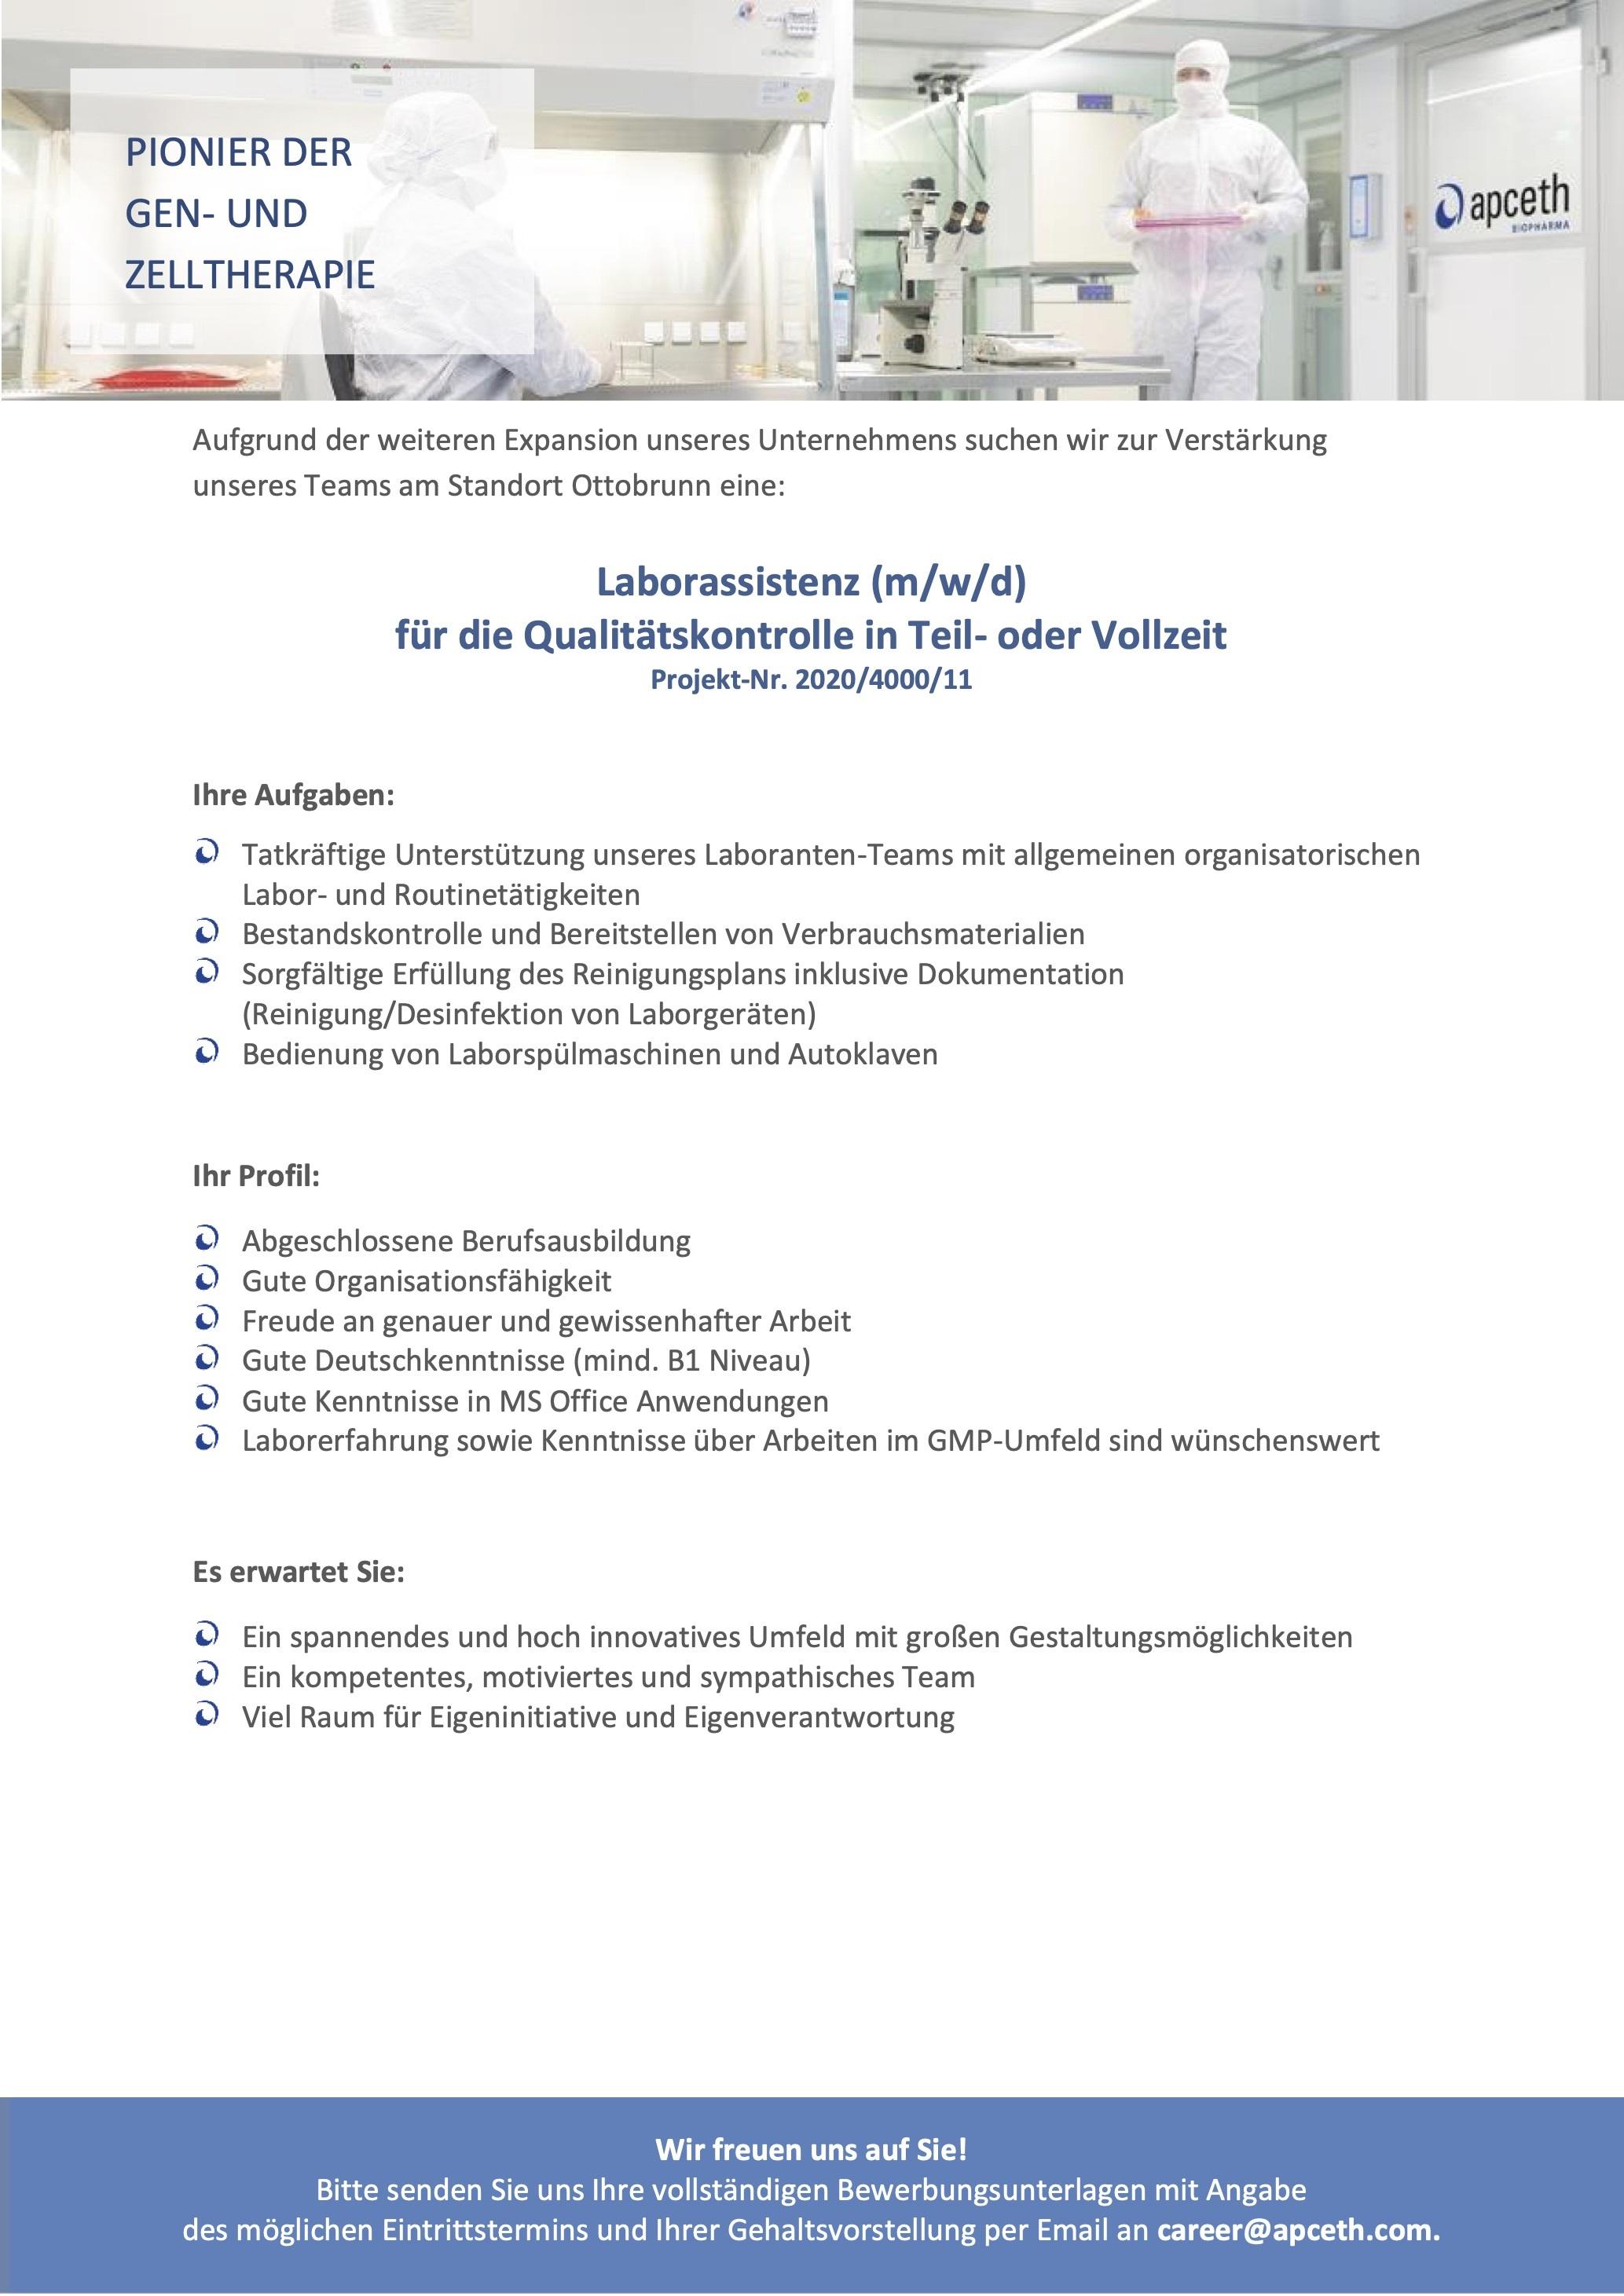 Laborassistenz (m/w/d) für die Qualitätskontrolle